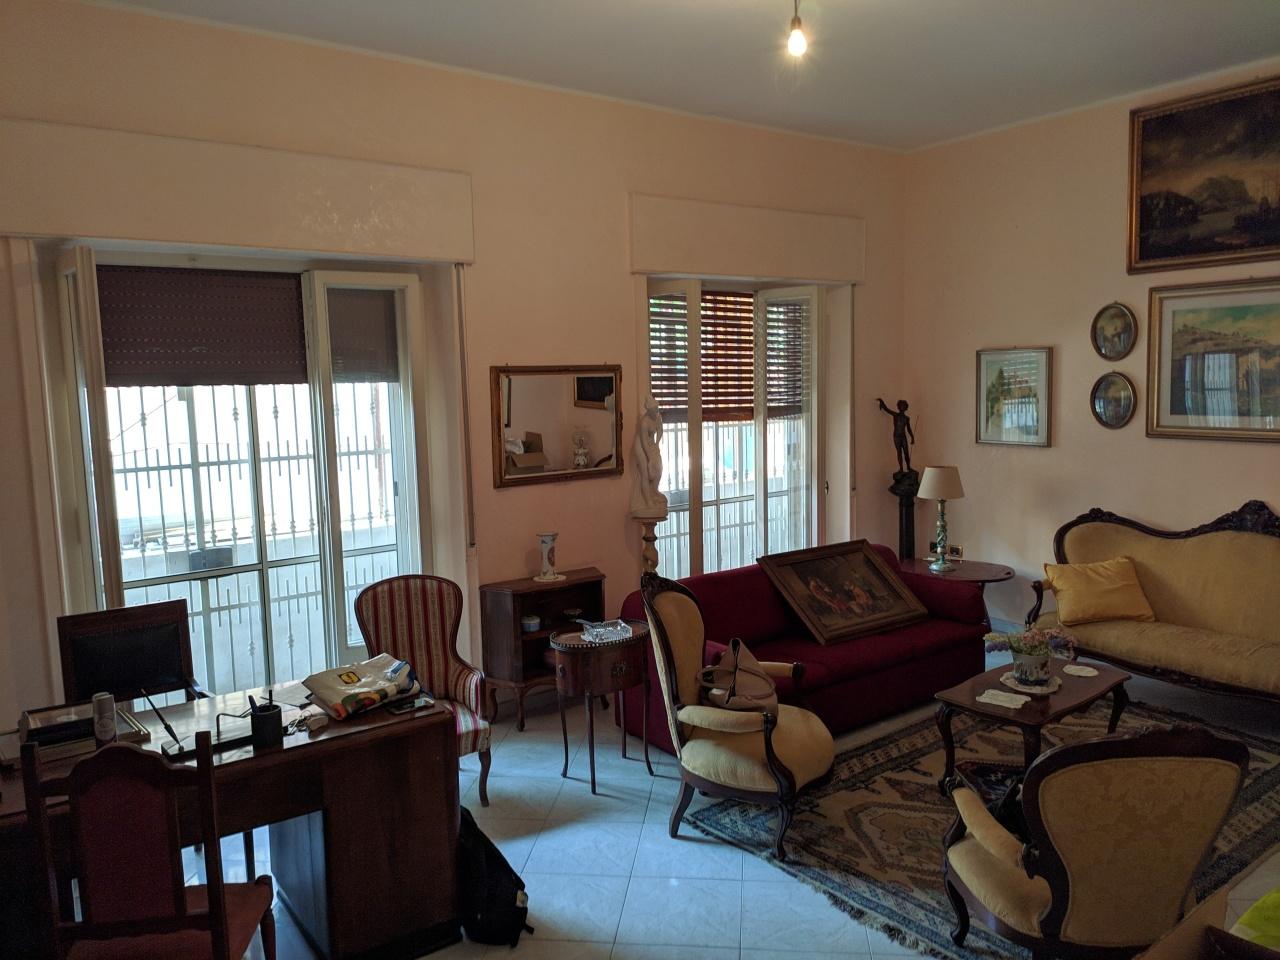 Appartamento in vendita a Reggio Calabria, 3 locali, prezzo € 85.000 | CambioCasa.it